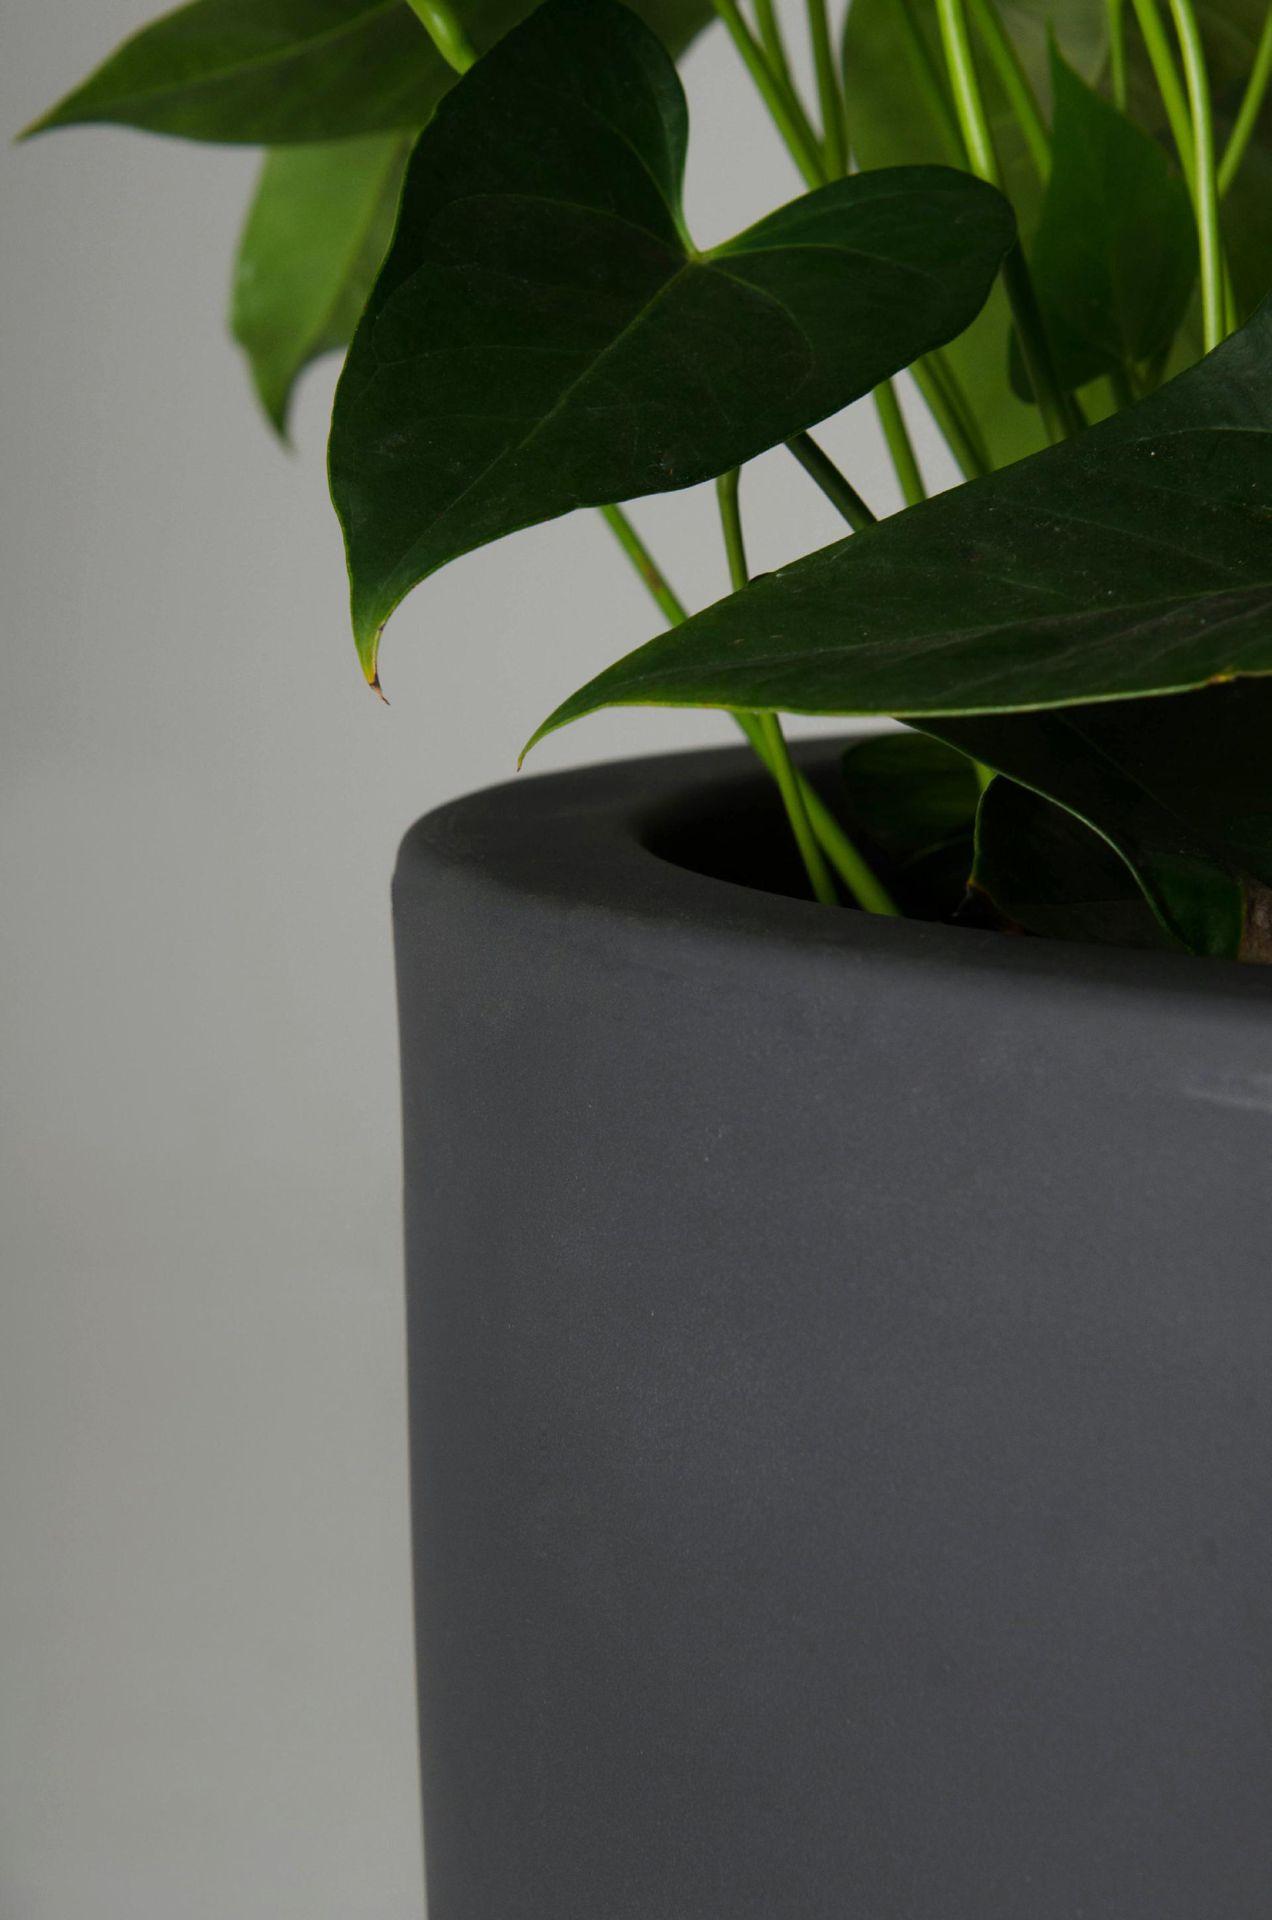 pflanzk bel blumenk bel pflanzs ule city aus kunststoff. Black Bedroom Furniture Sets. Home Design Ideas